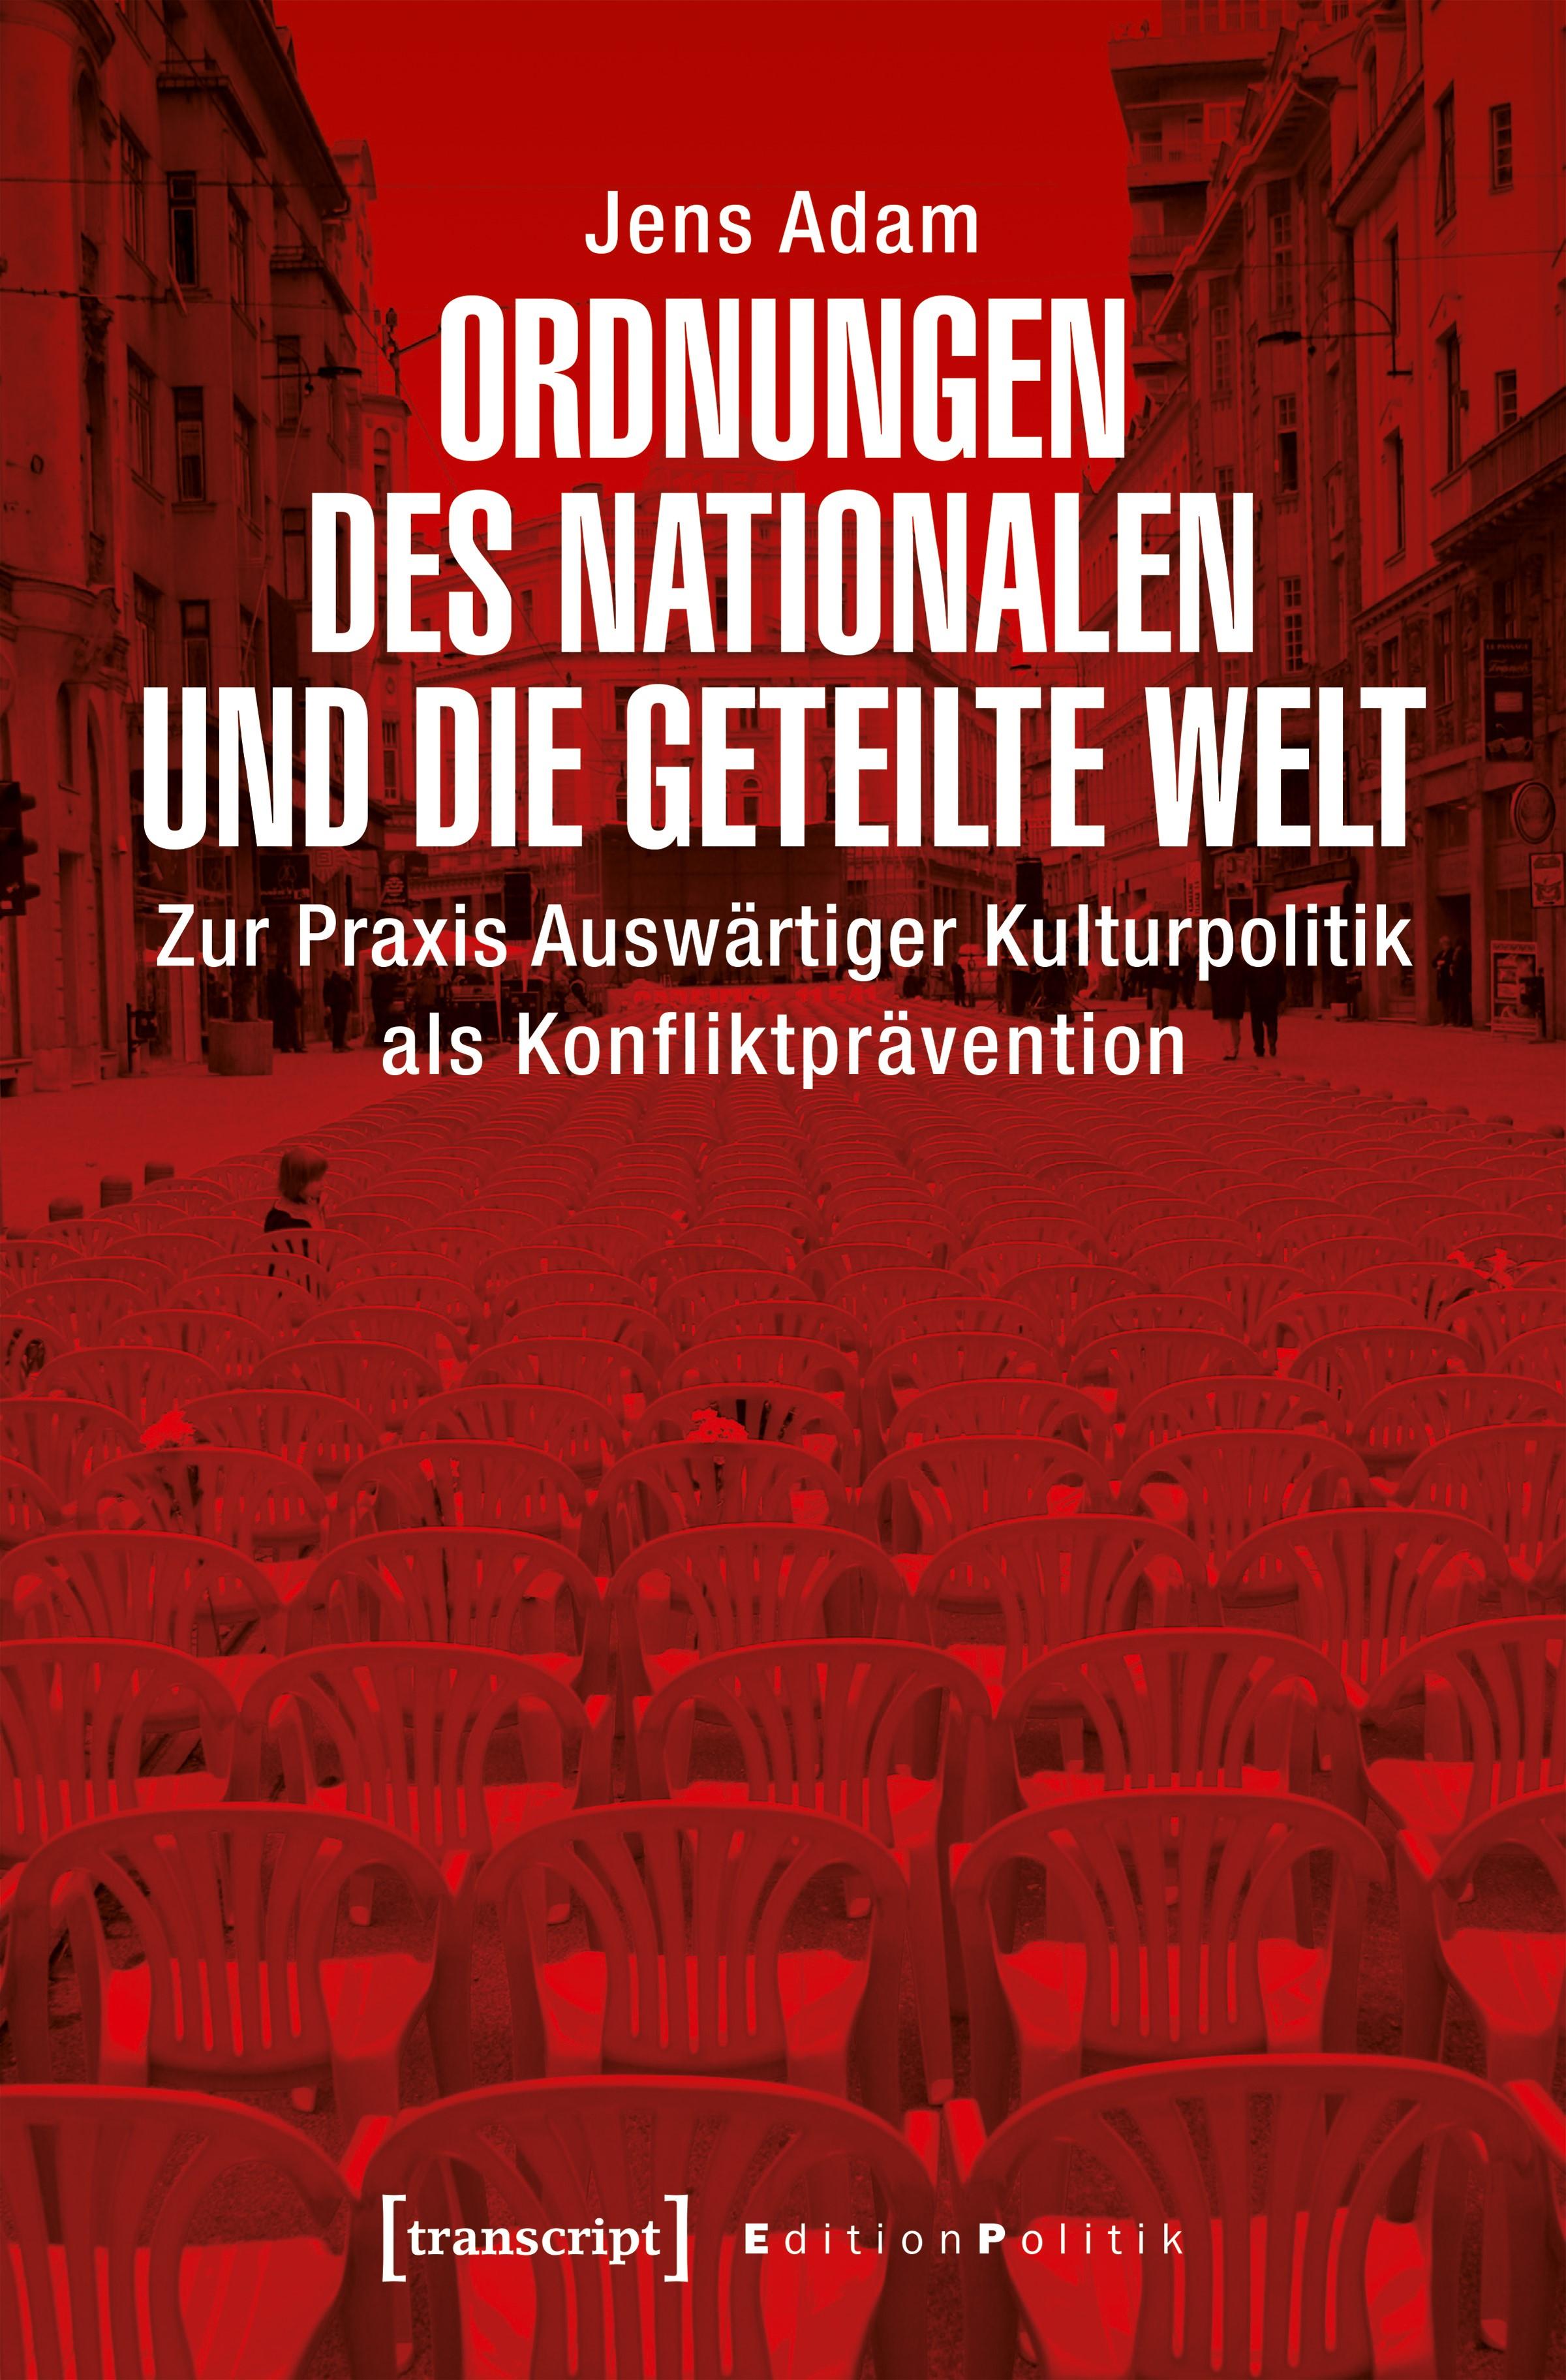 Ordnungen des Nationalen und die geteilte Welt | Adam, 2018 | Buch (Cover)